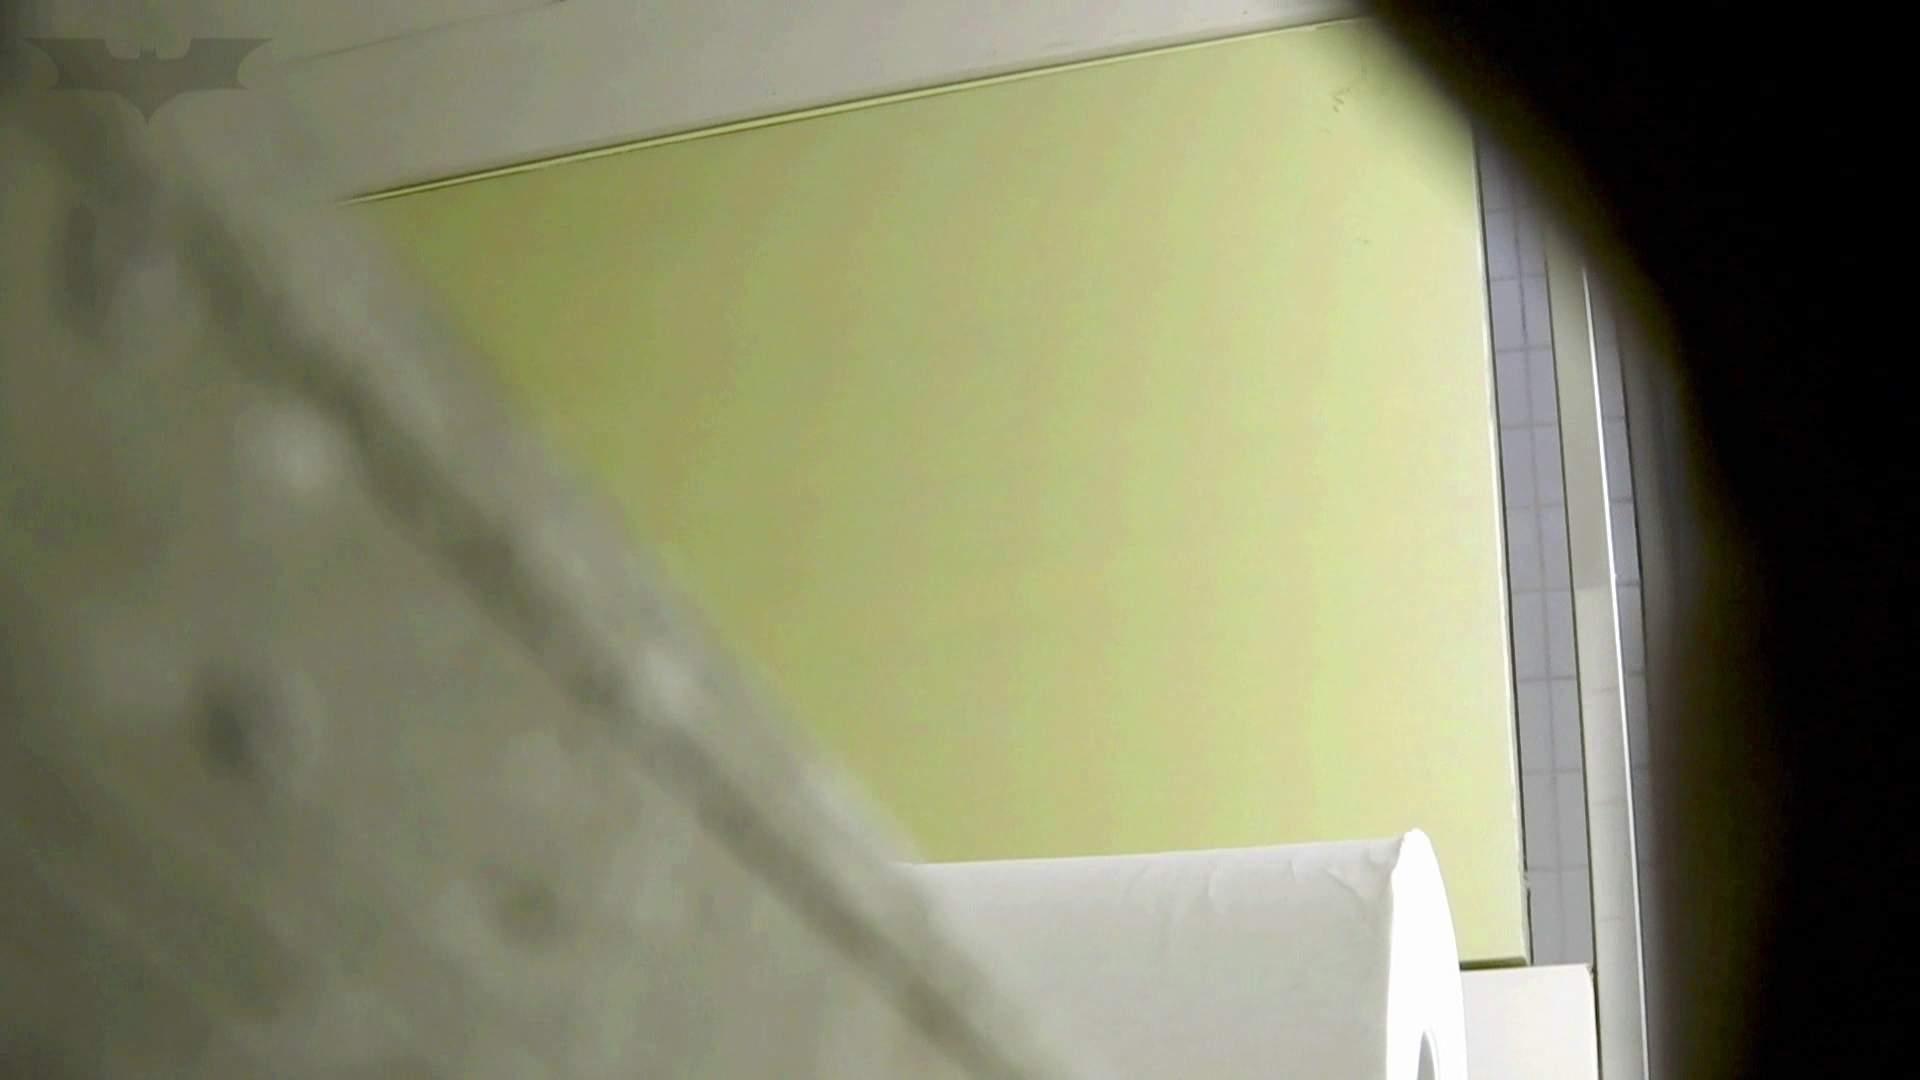 洗面所特攻隊 vol.74 last 2総勢16名激撮【2015・29位】 洗面所 | OLのボディ  85PIX 55